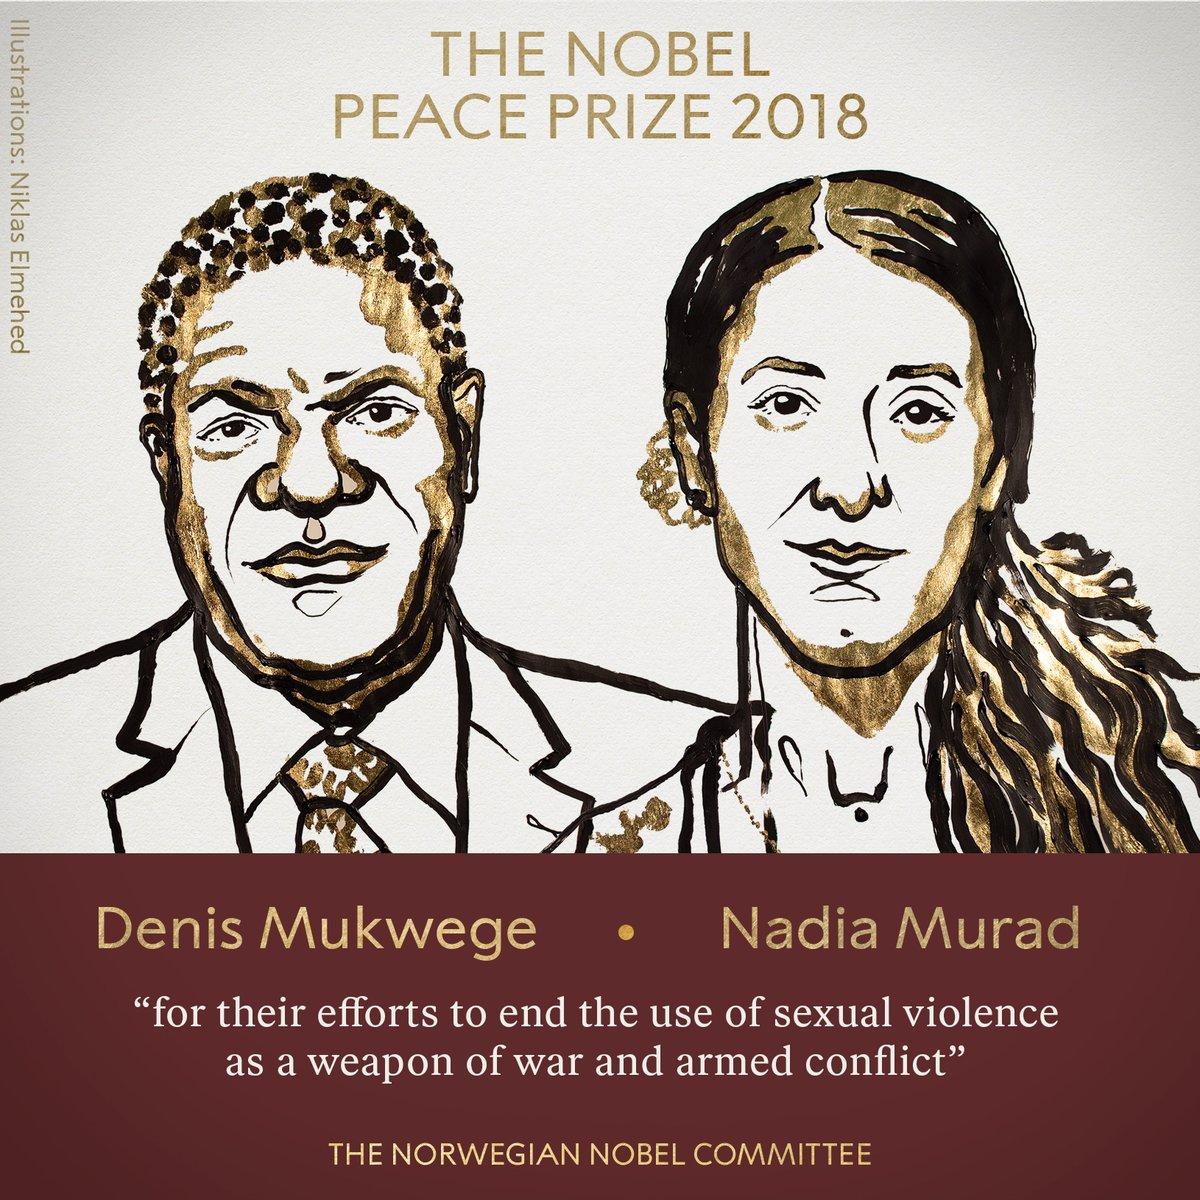 دينيس موكويجى وناديا مراد الفائزان بجائزة نوبل للسلام